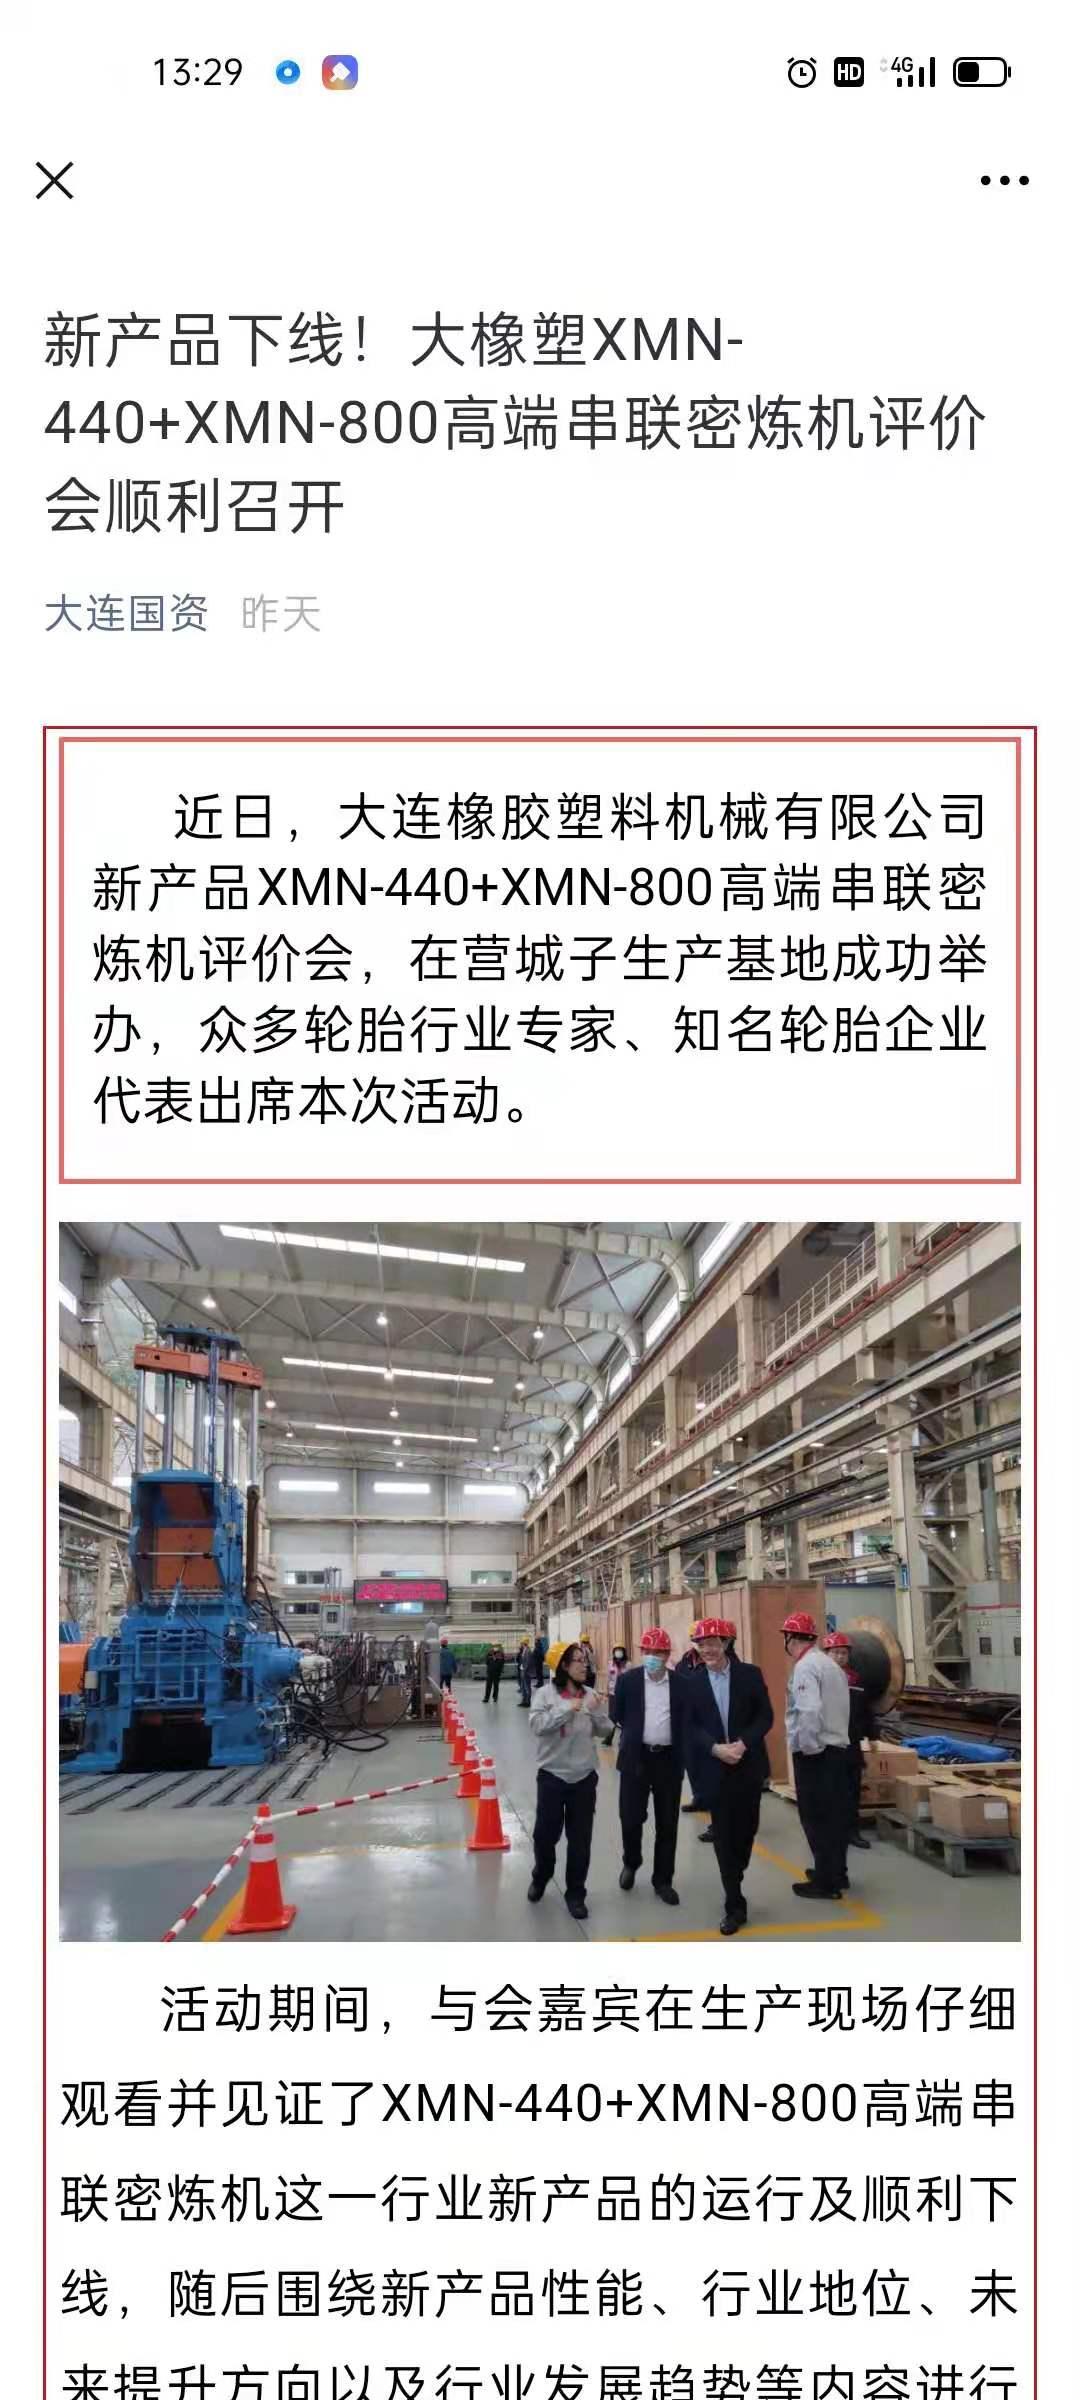 新產品下線!大橡塑XMN-440+XMN-800高端串聯密煉機評價會順利召開